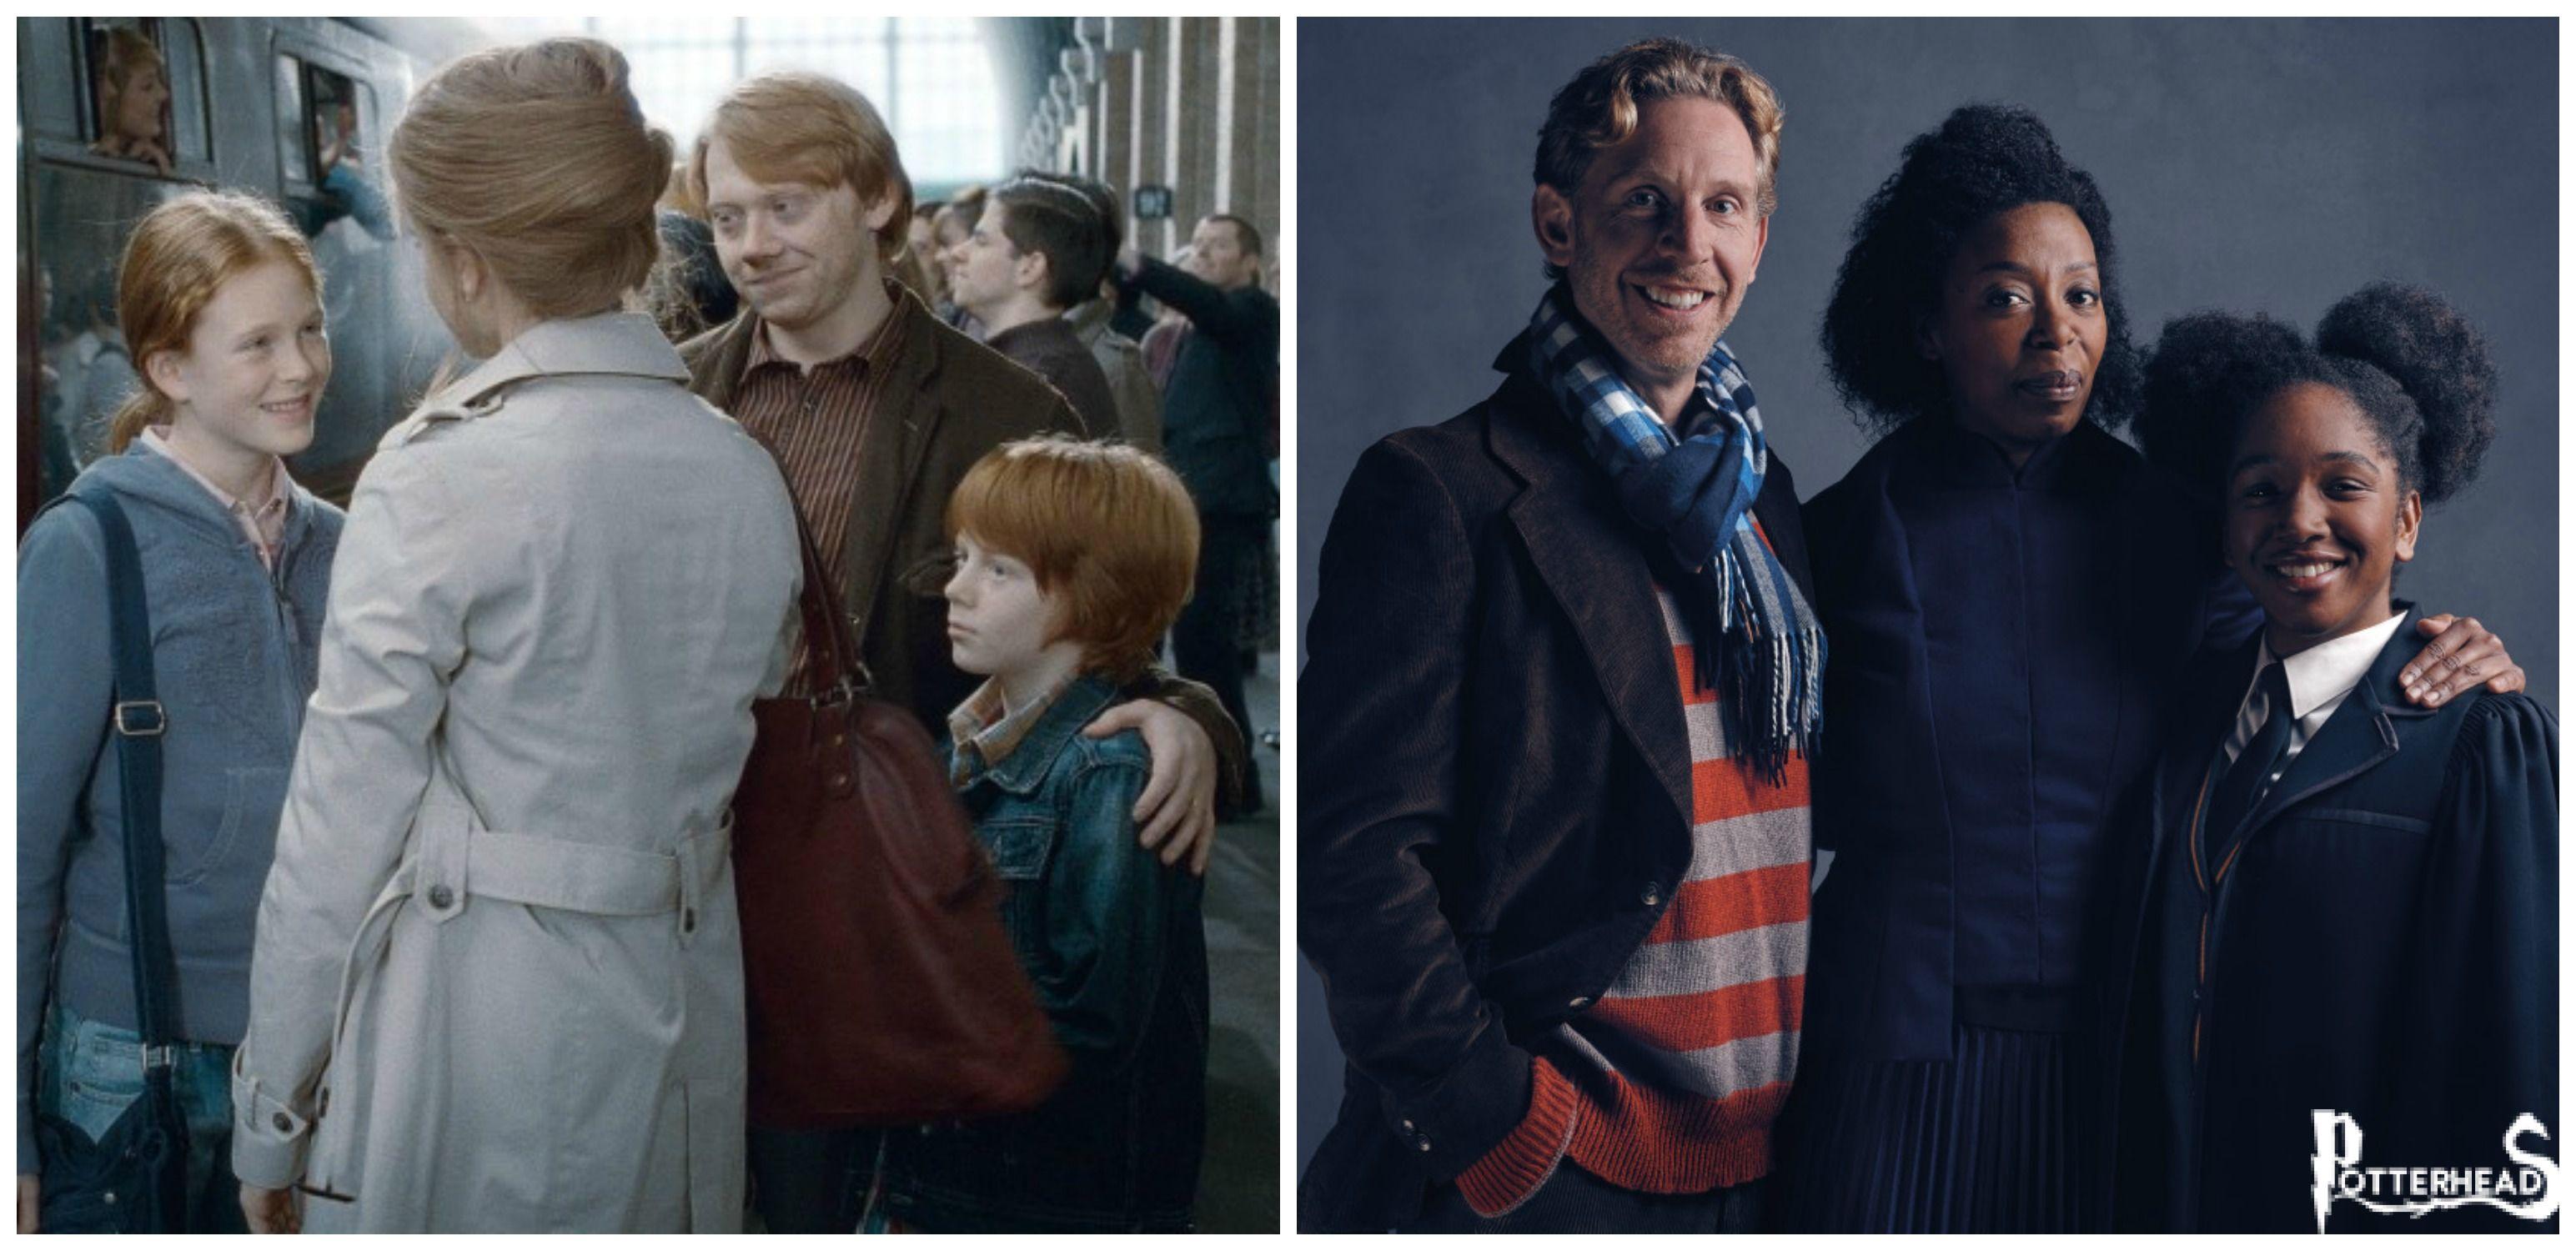 Rose Weasley Harry Potter - PotterPedia.it